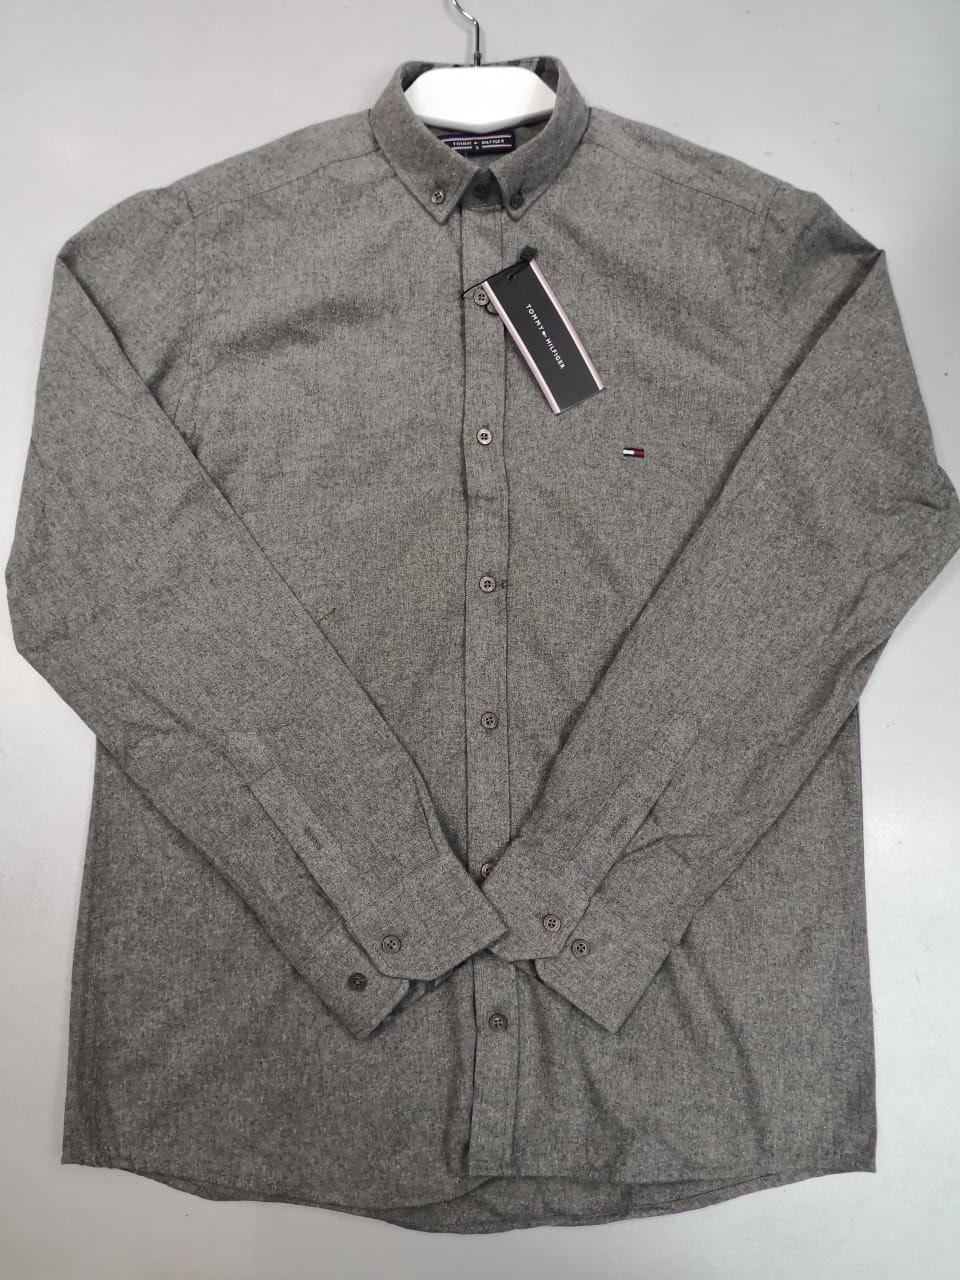 1b325ea9476c Рубашка мужская Tommy Hilfiger D4426 серая - купить по лучшей цене, от  компании из Харькова. ...